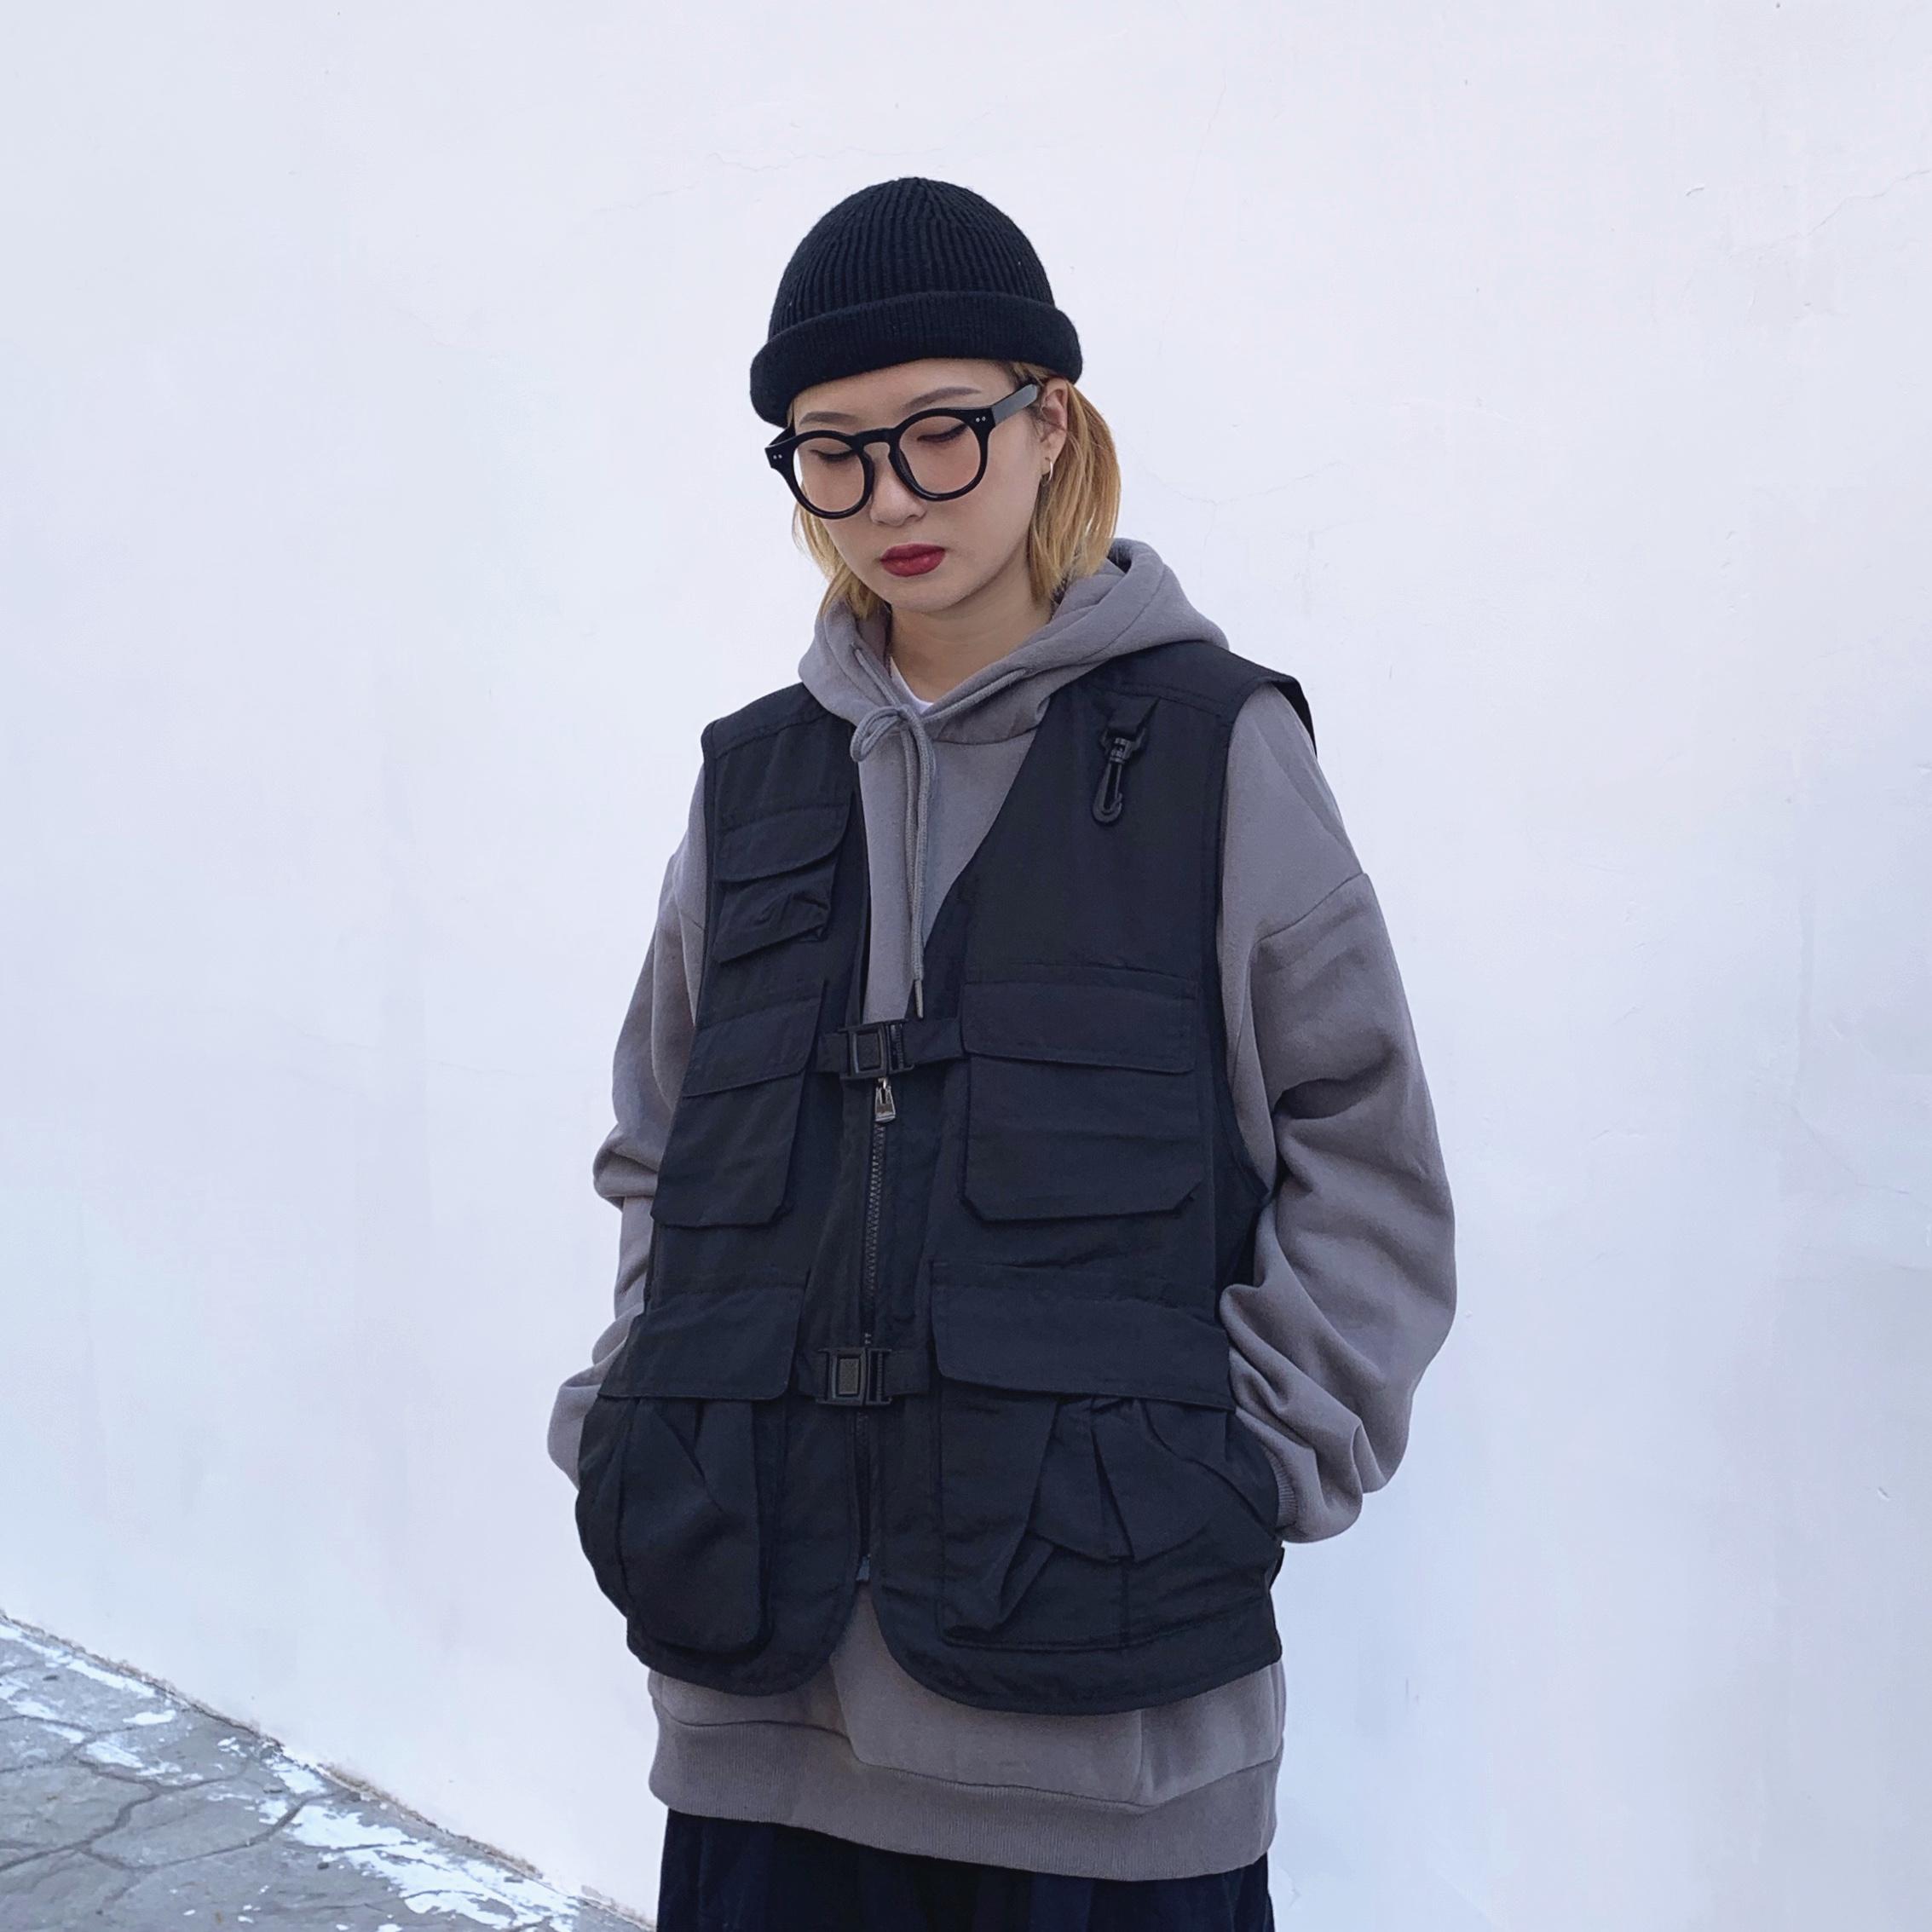 WHOOPSHOP FOLIECITY 19SS 战术男女潮牌多功能口袋工装马甲